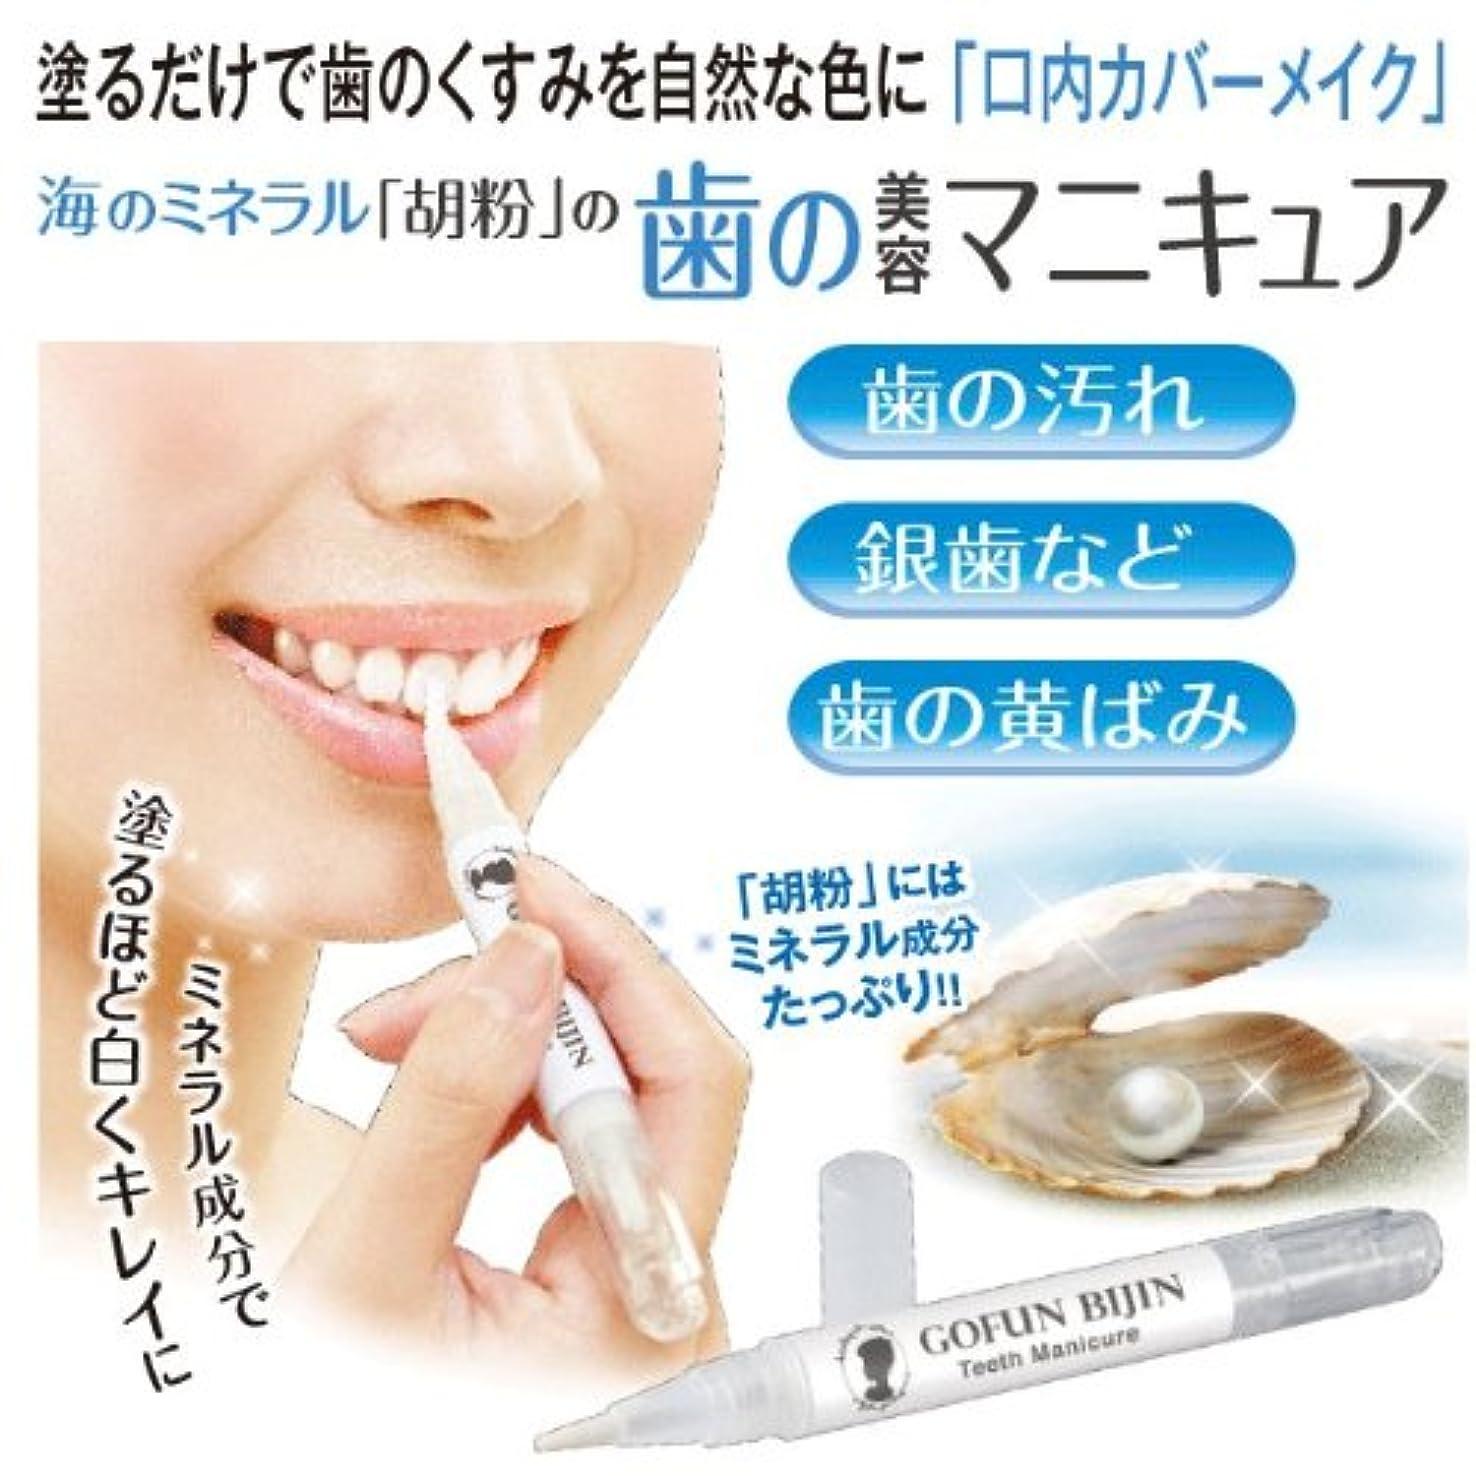 下に向けますかすれた活力胡粉美人 歯マニキュア 歯にミネラルを補給してキレイに